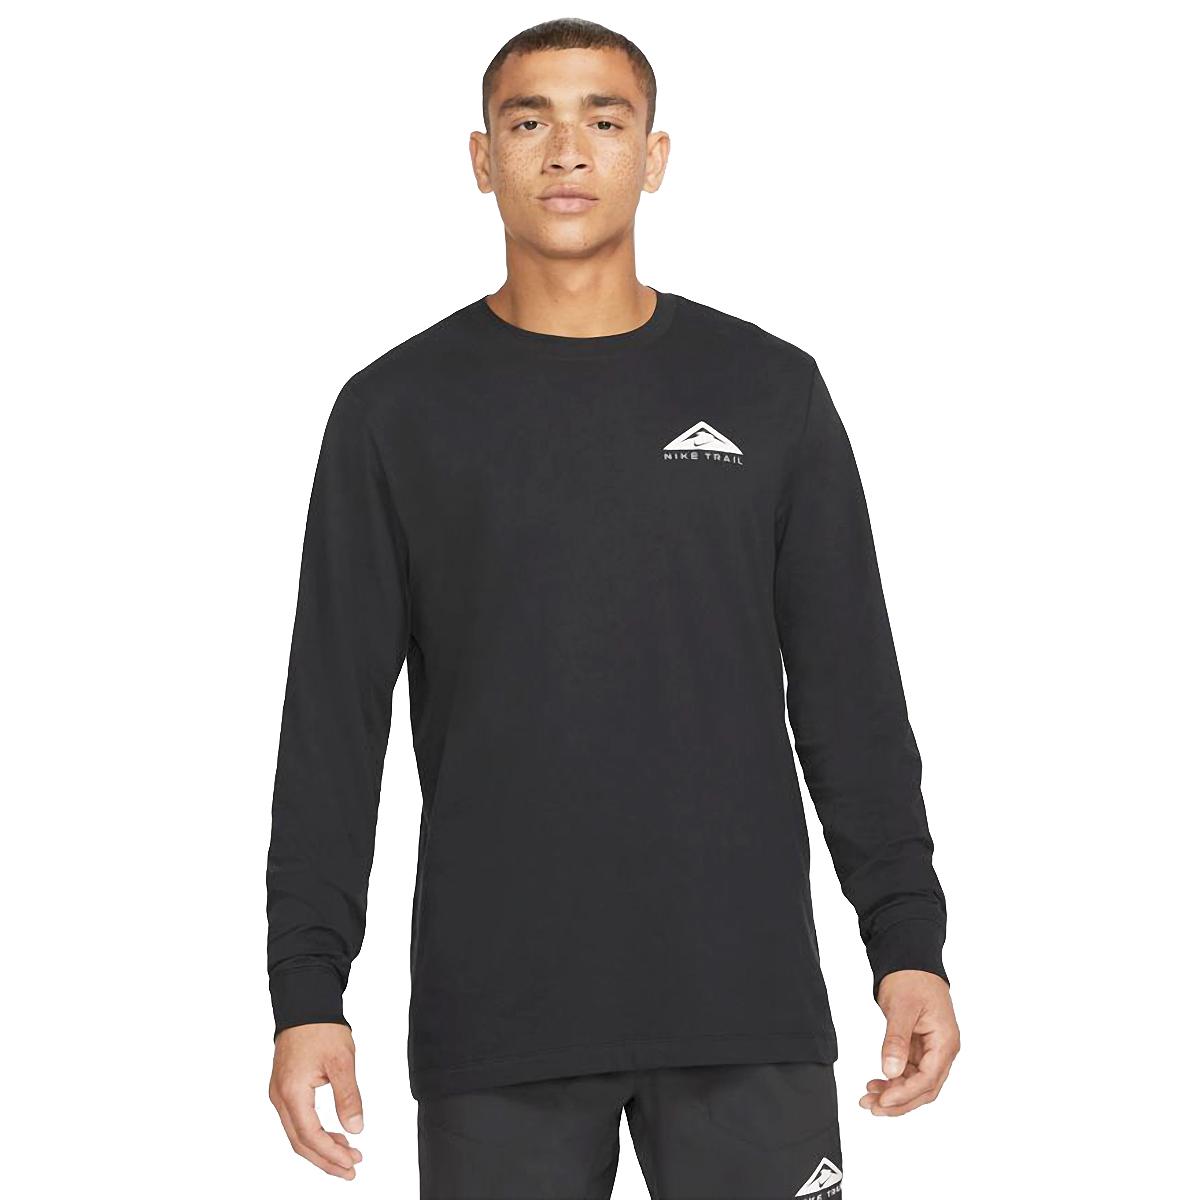 Men's Nike Dri-FIT Long-Sleeve Trail Running T-Shirt - Color: Black - Size: XS, Black, large, image 1